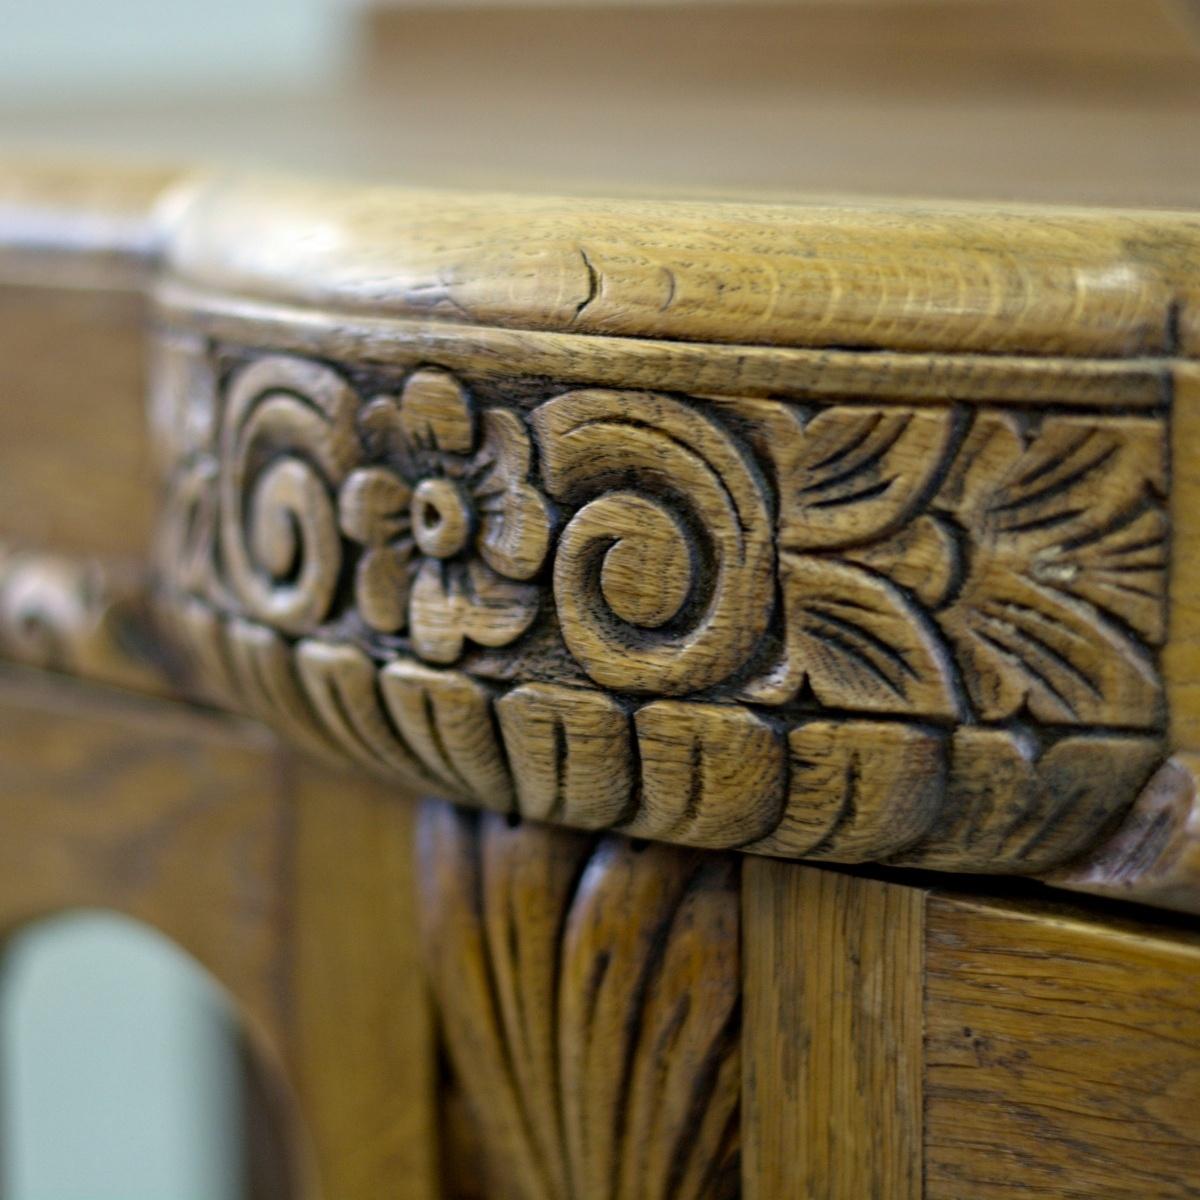 Klasický anglický dubový skleník nebo knihovna s vyřezávaným květinovým reliéfem vintage stylový nábytek po celkové renovaci do původního stavu restored furniture detail reliéfu